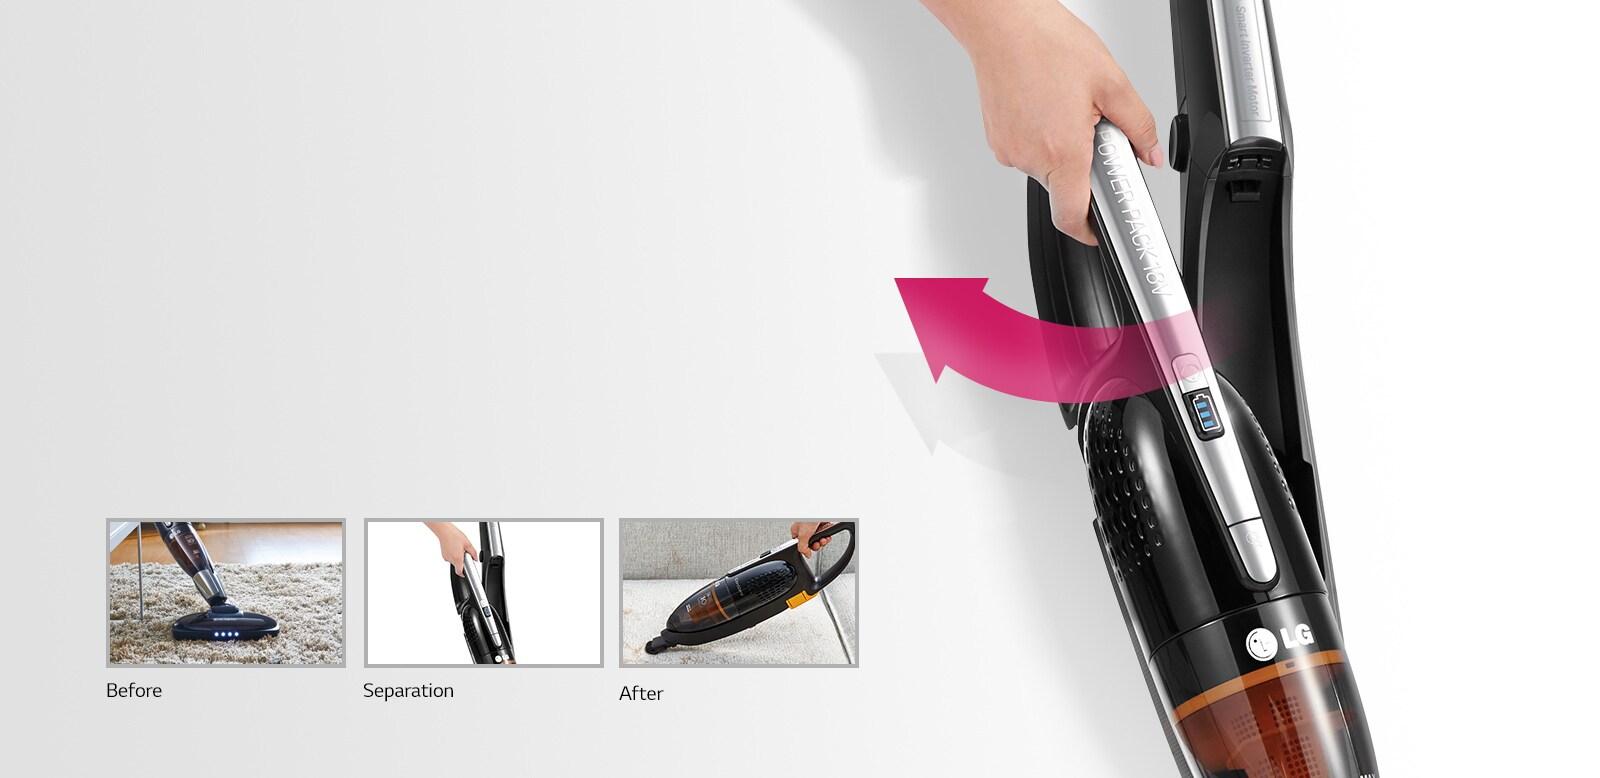 2-in-1-Handstick-Vacuum-Cleaner-M03A